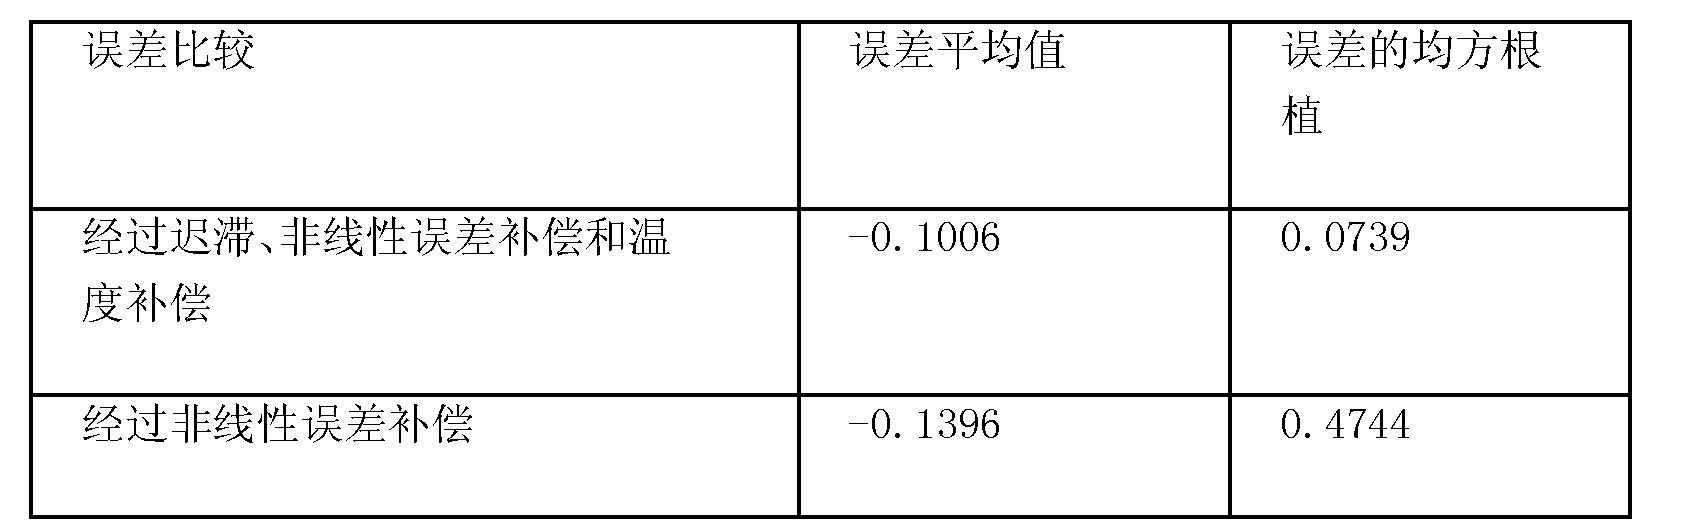 Figure CN101858811BD00121